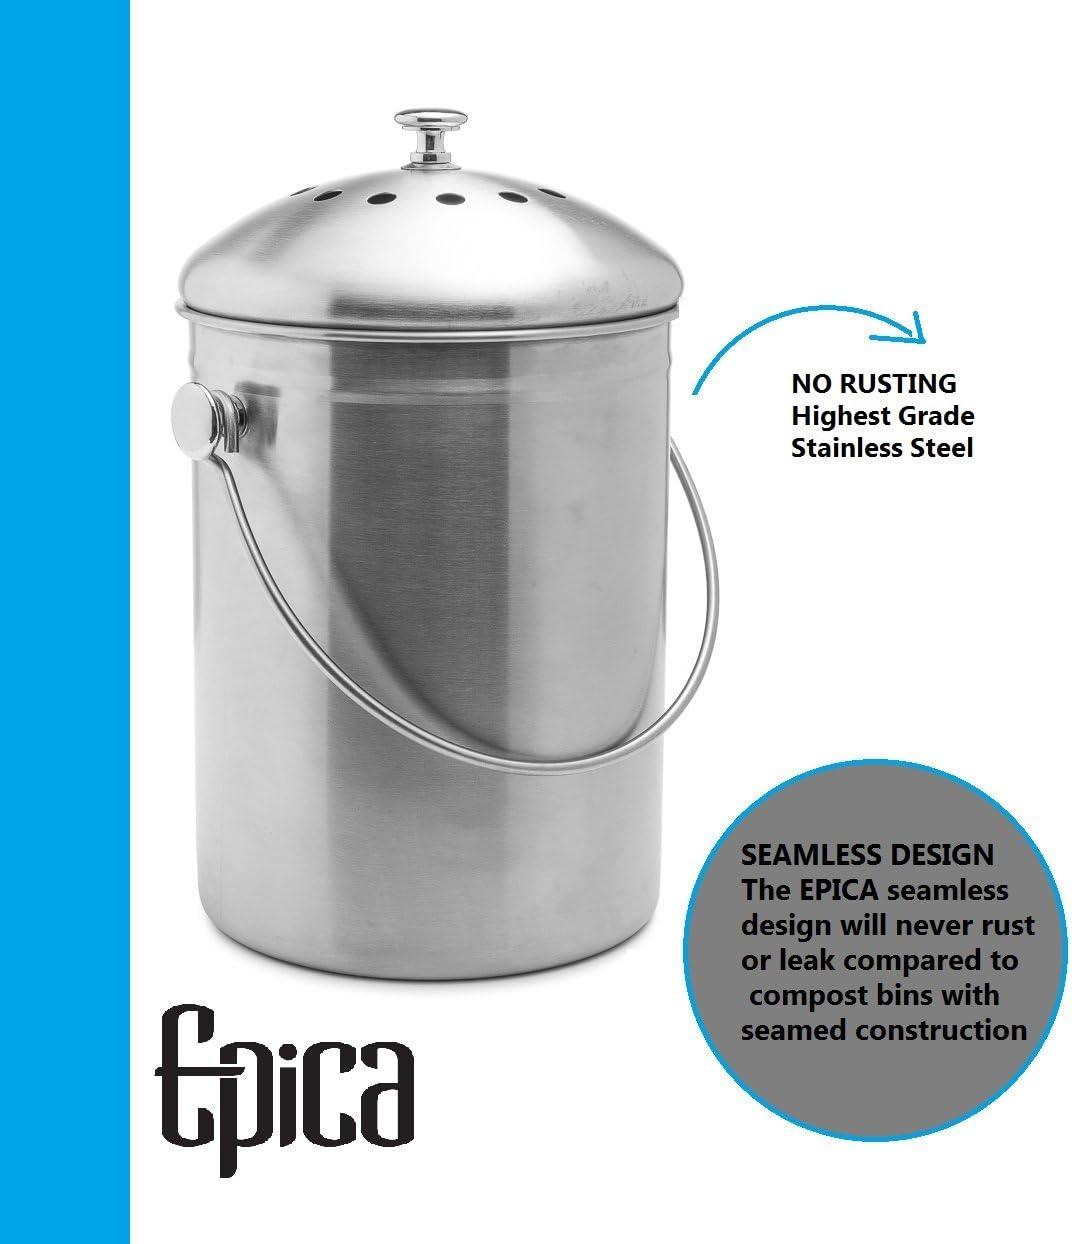 Epica's kitchen compost bin